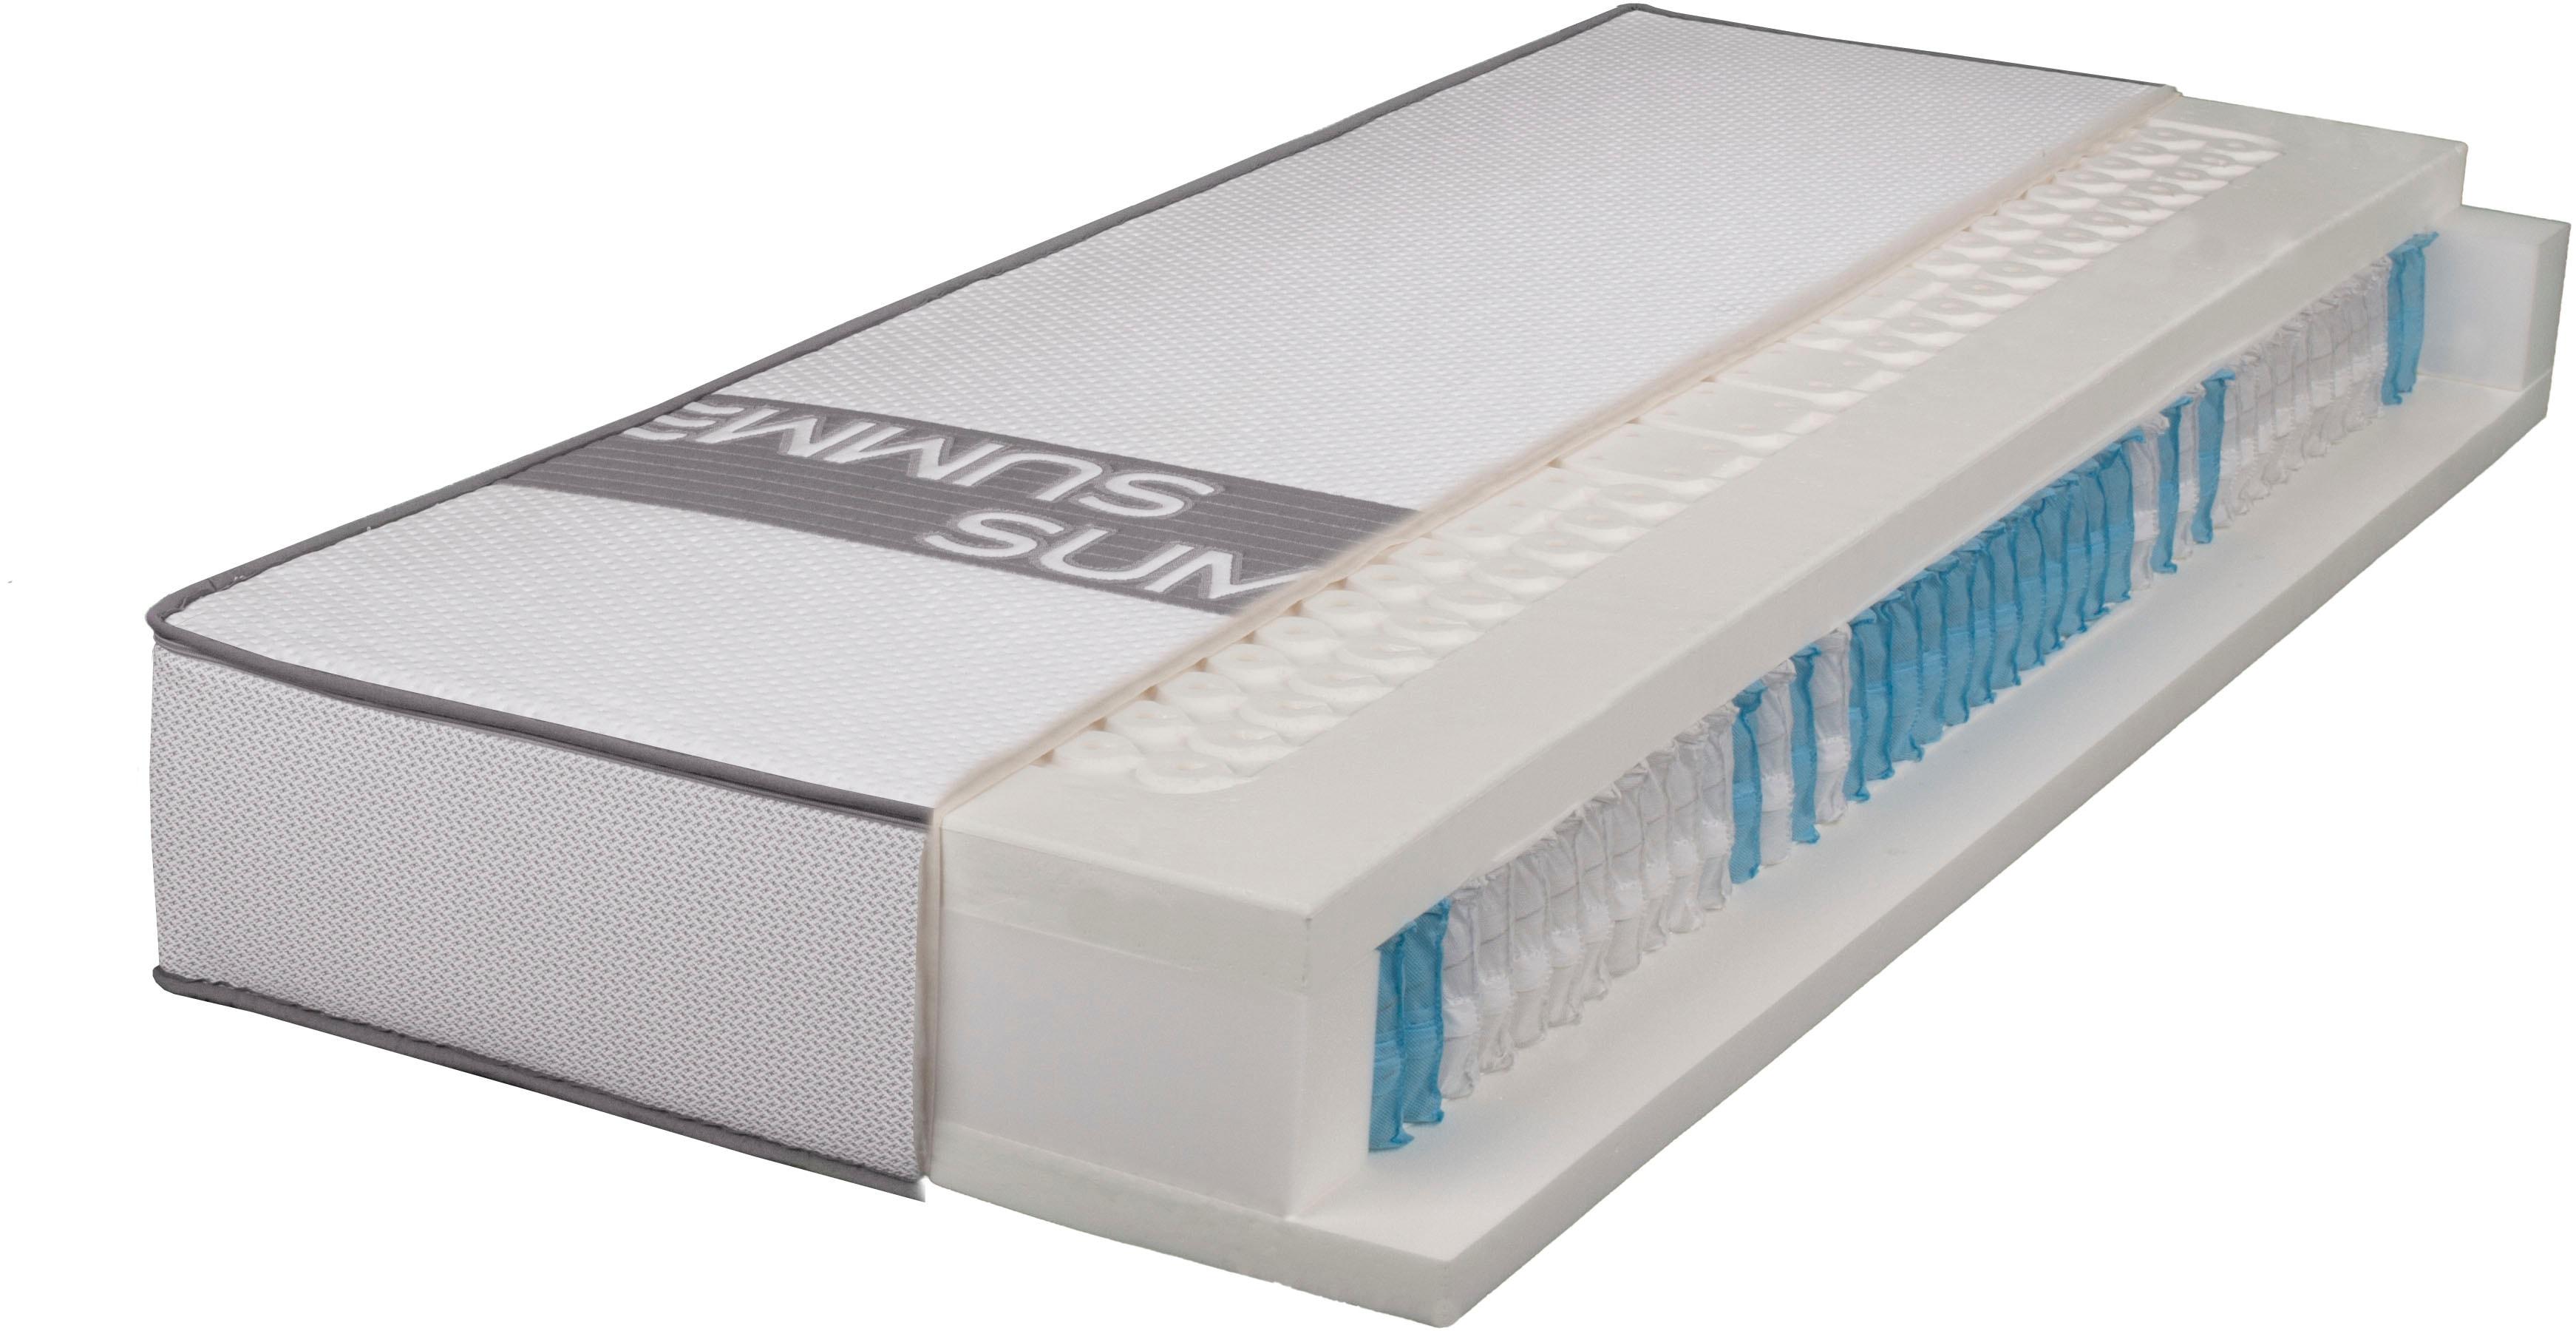 Taschenfederkernmatratze SMARTSLEEP 8000 LaPur Breckle 23 cm hoch